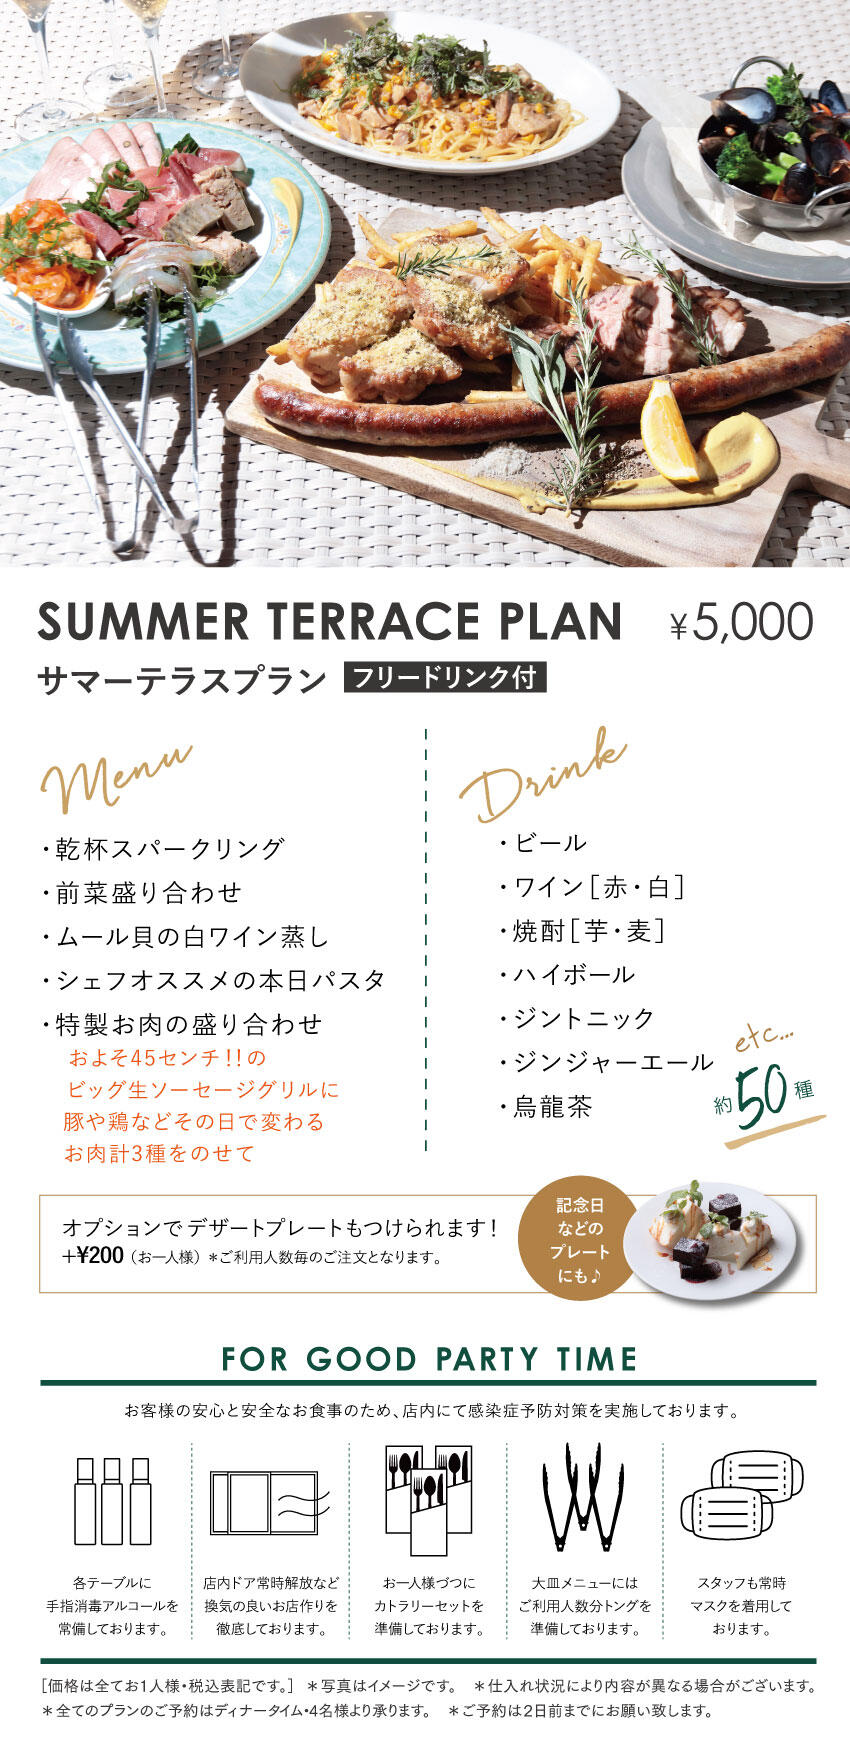 gmck_2006_plan_summer.jpg